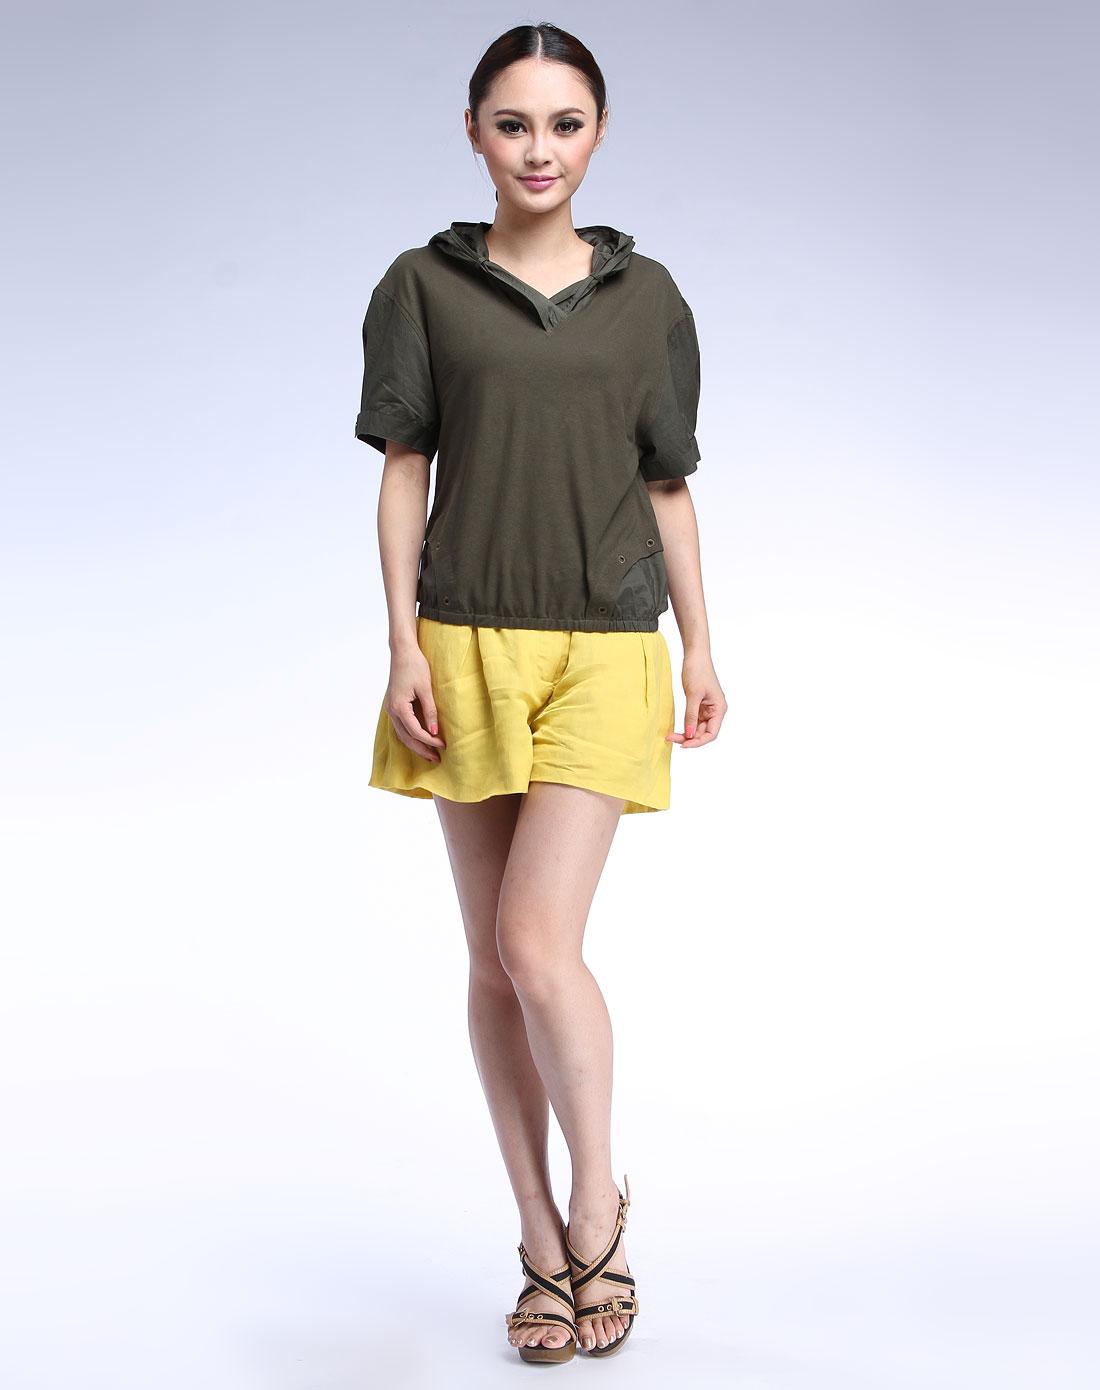 女款军绿色个性短袖上衣